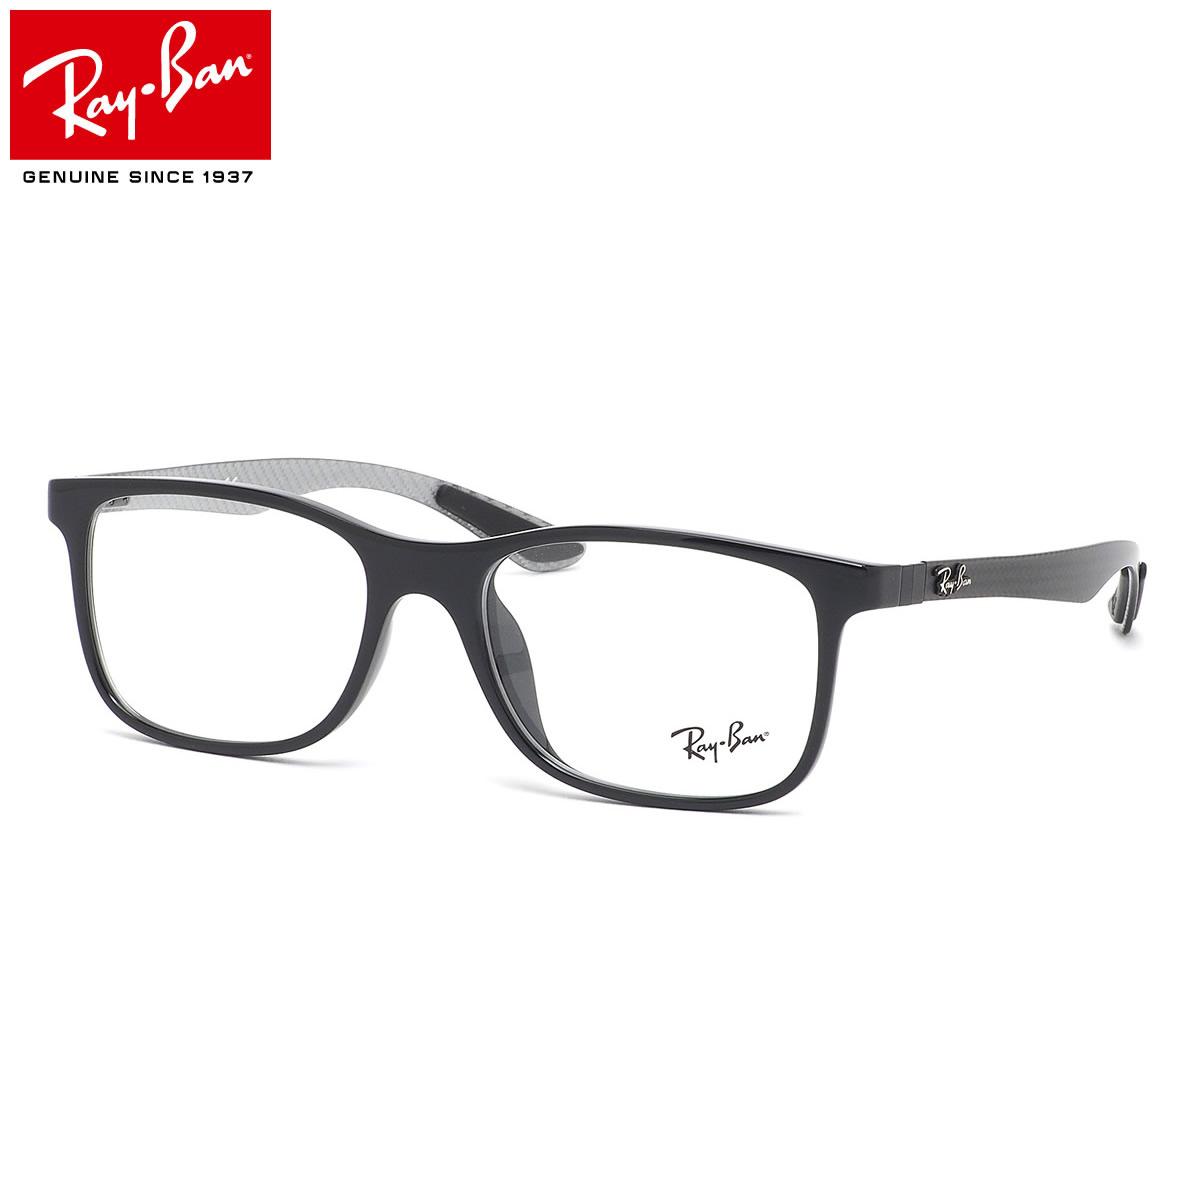 【10月30日からエントリーで全品ポイント20倍】レイバン メガネ フレーム Ray-Ban RX8903F 5681 55サイズ スクエア フルフィット レイバン RAYBAN メンズ レディース